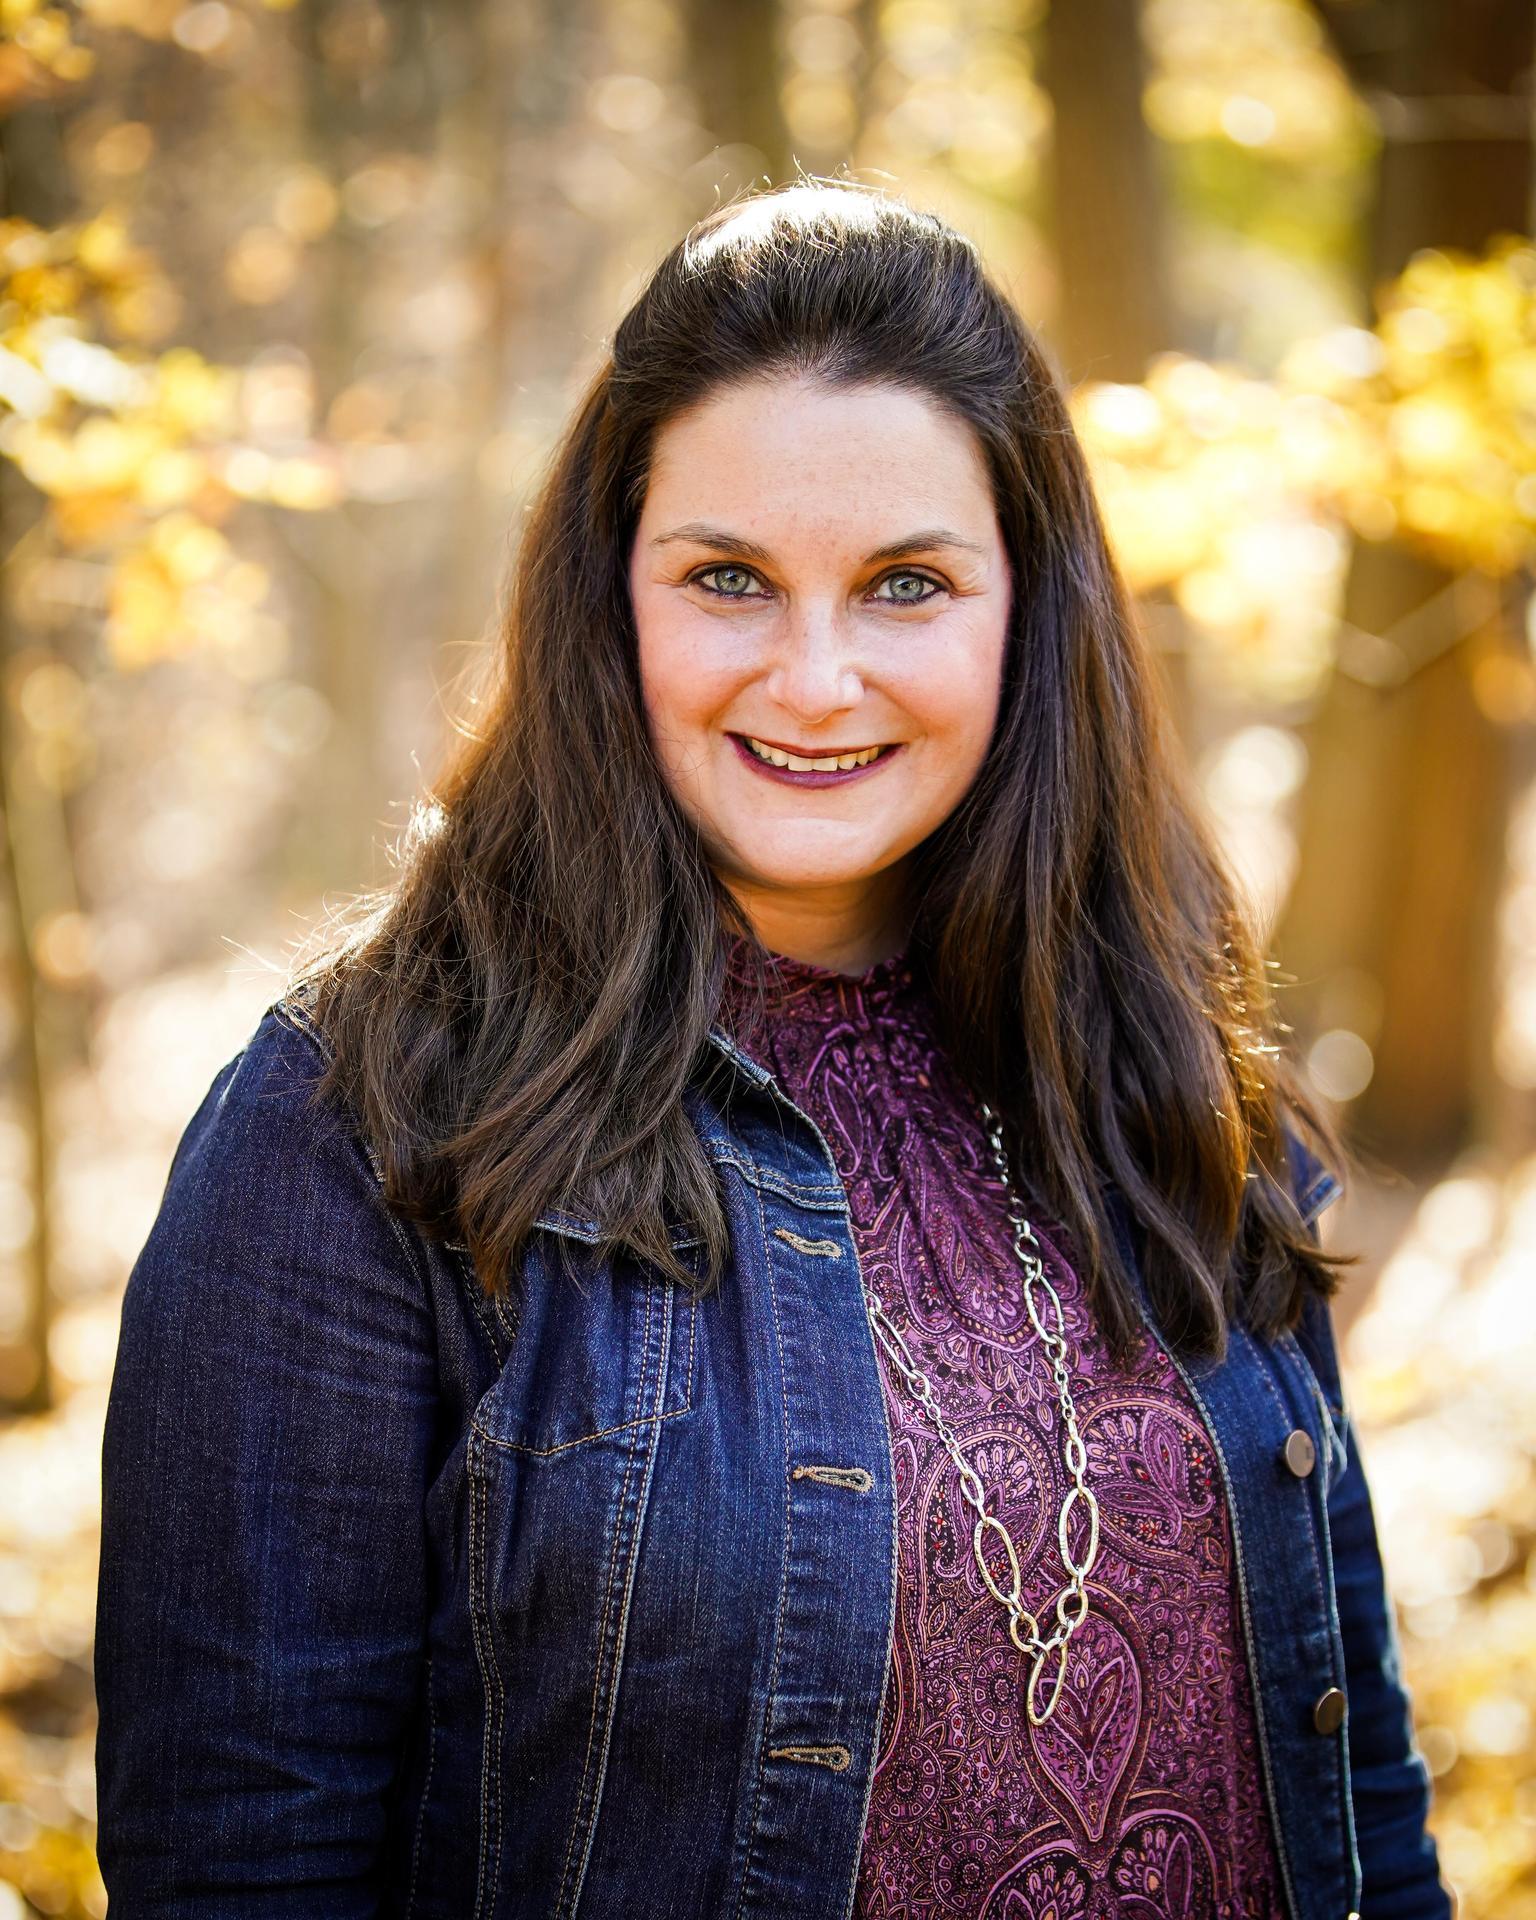 Jessica Kohn